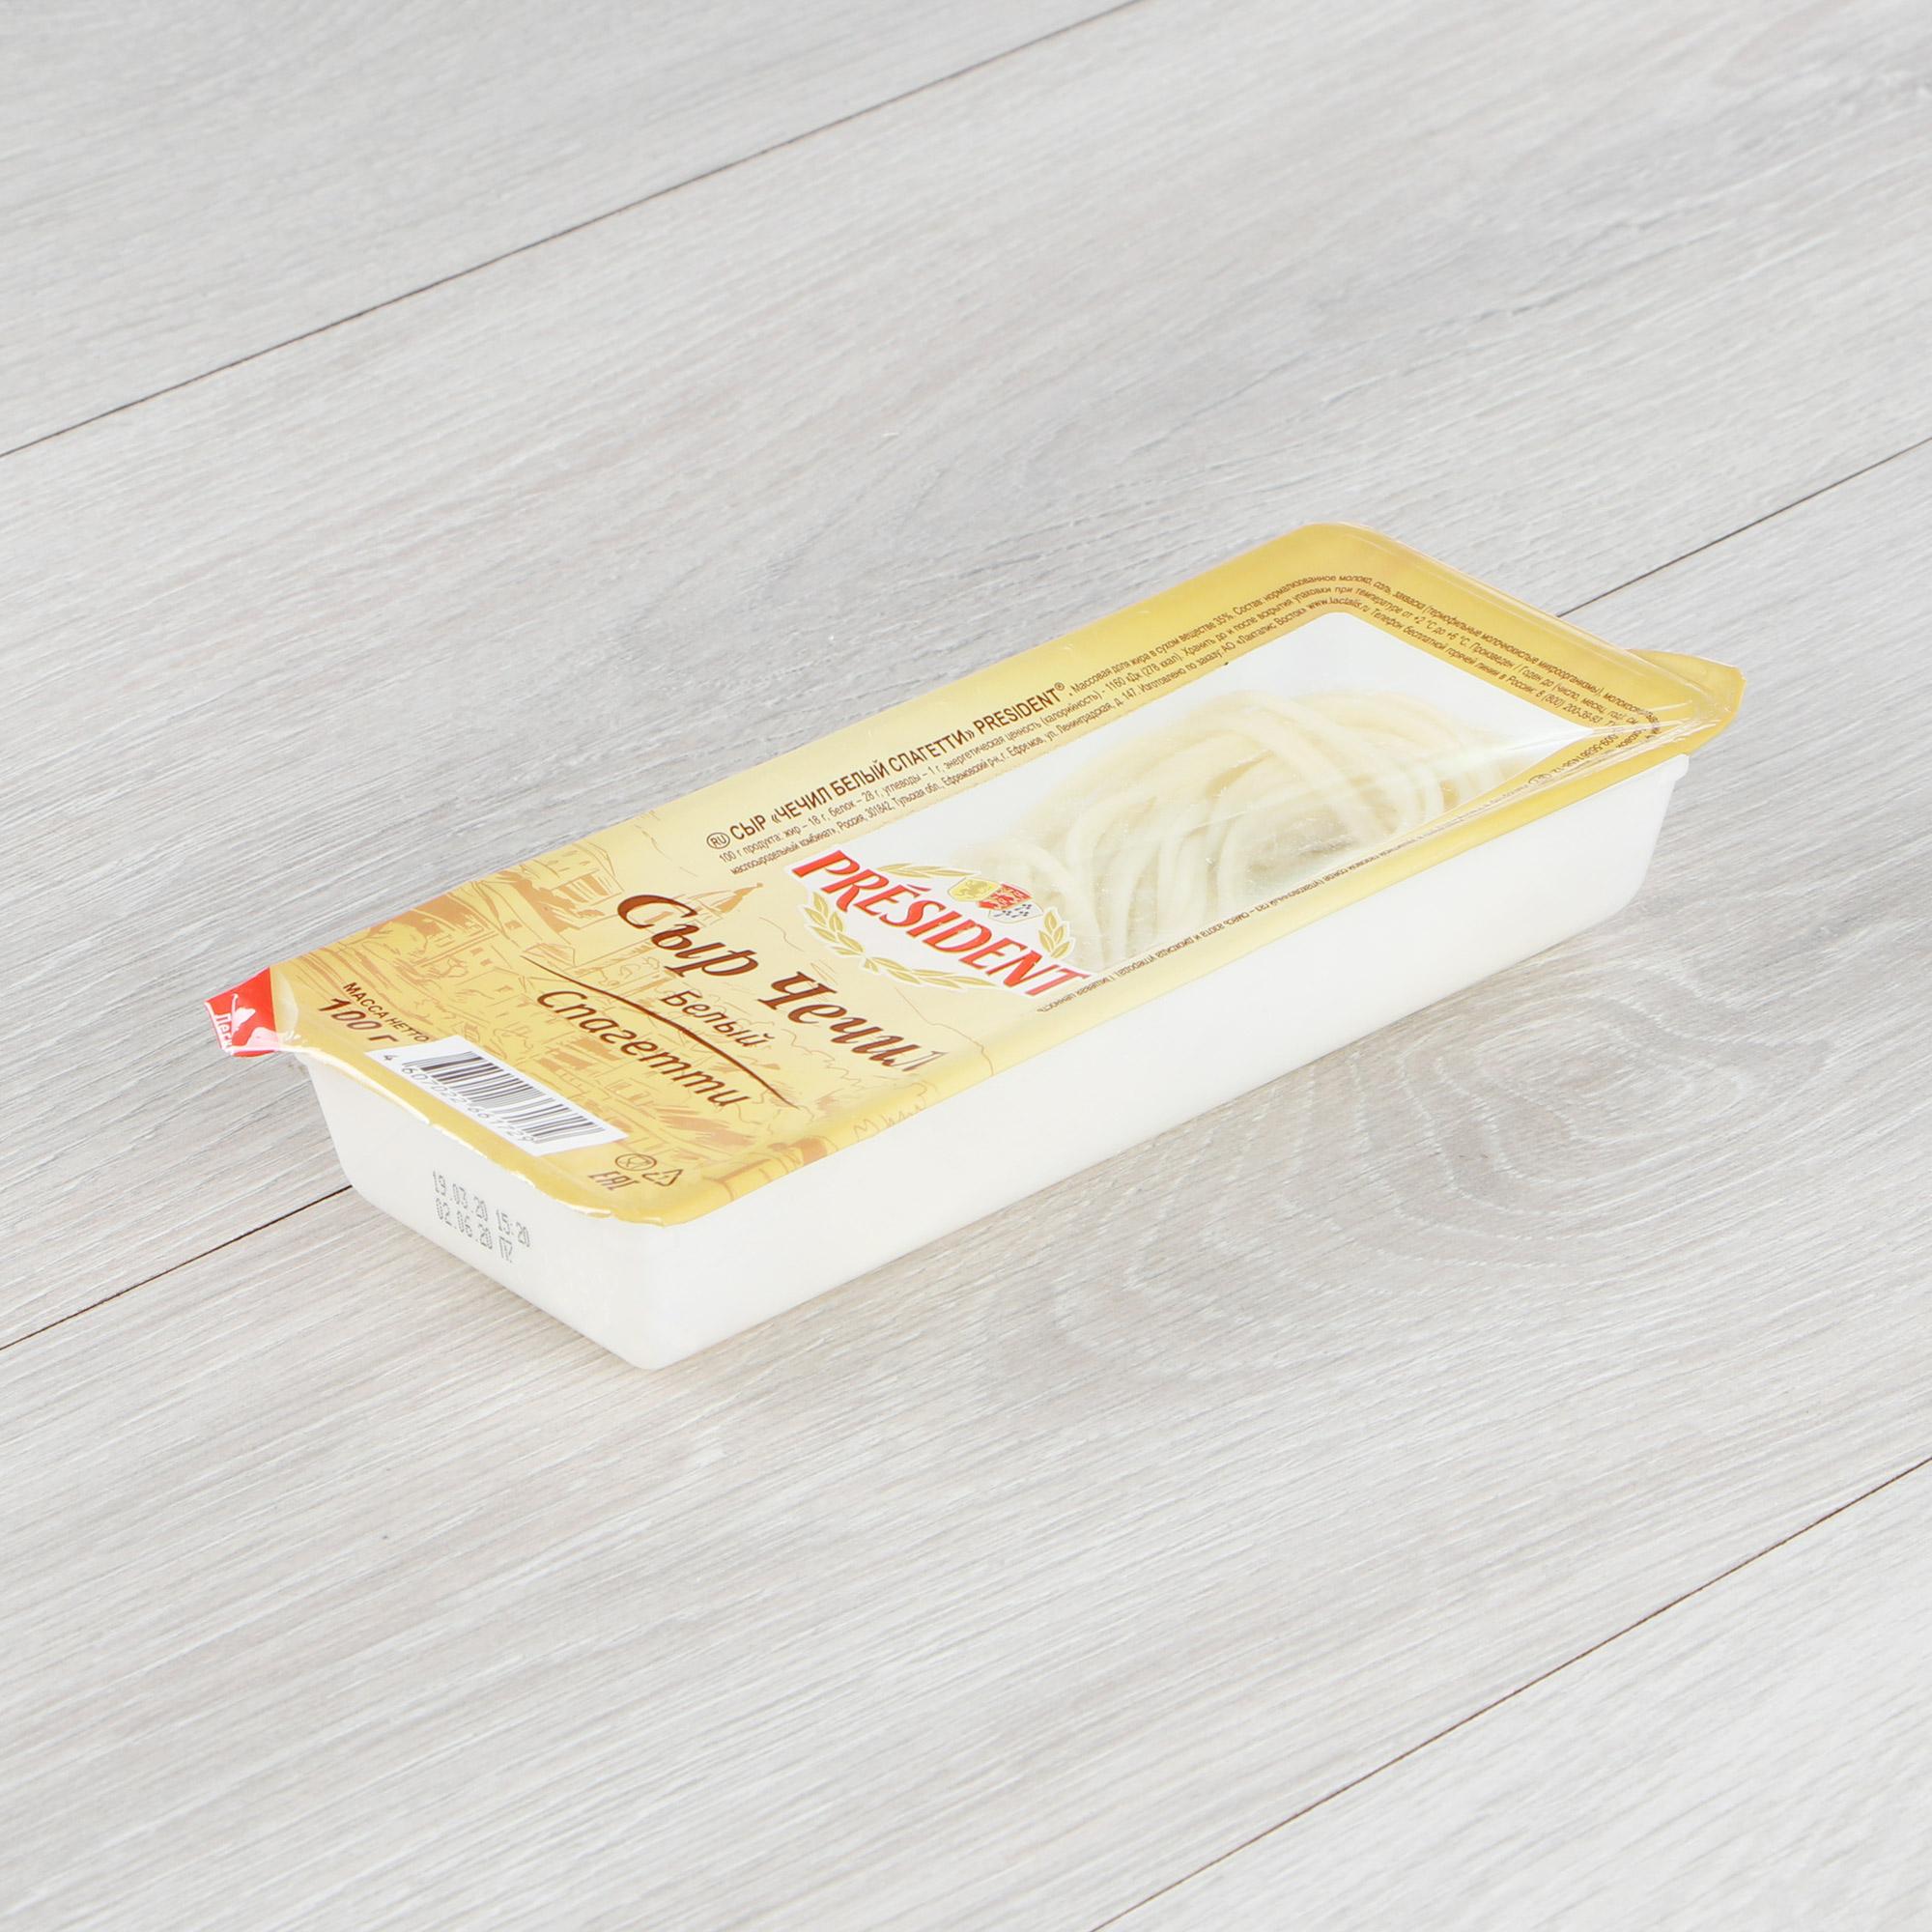 Сыр President Чечил Белый спагетти 35% 100 г сыр рассольный красногвардейские чечил спагетти 40% 120 г